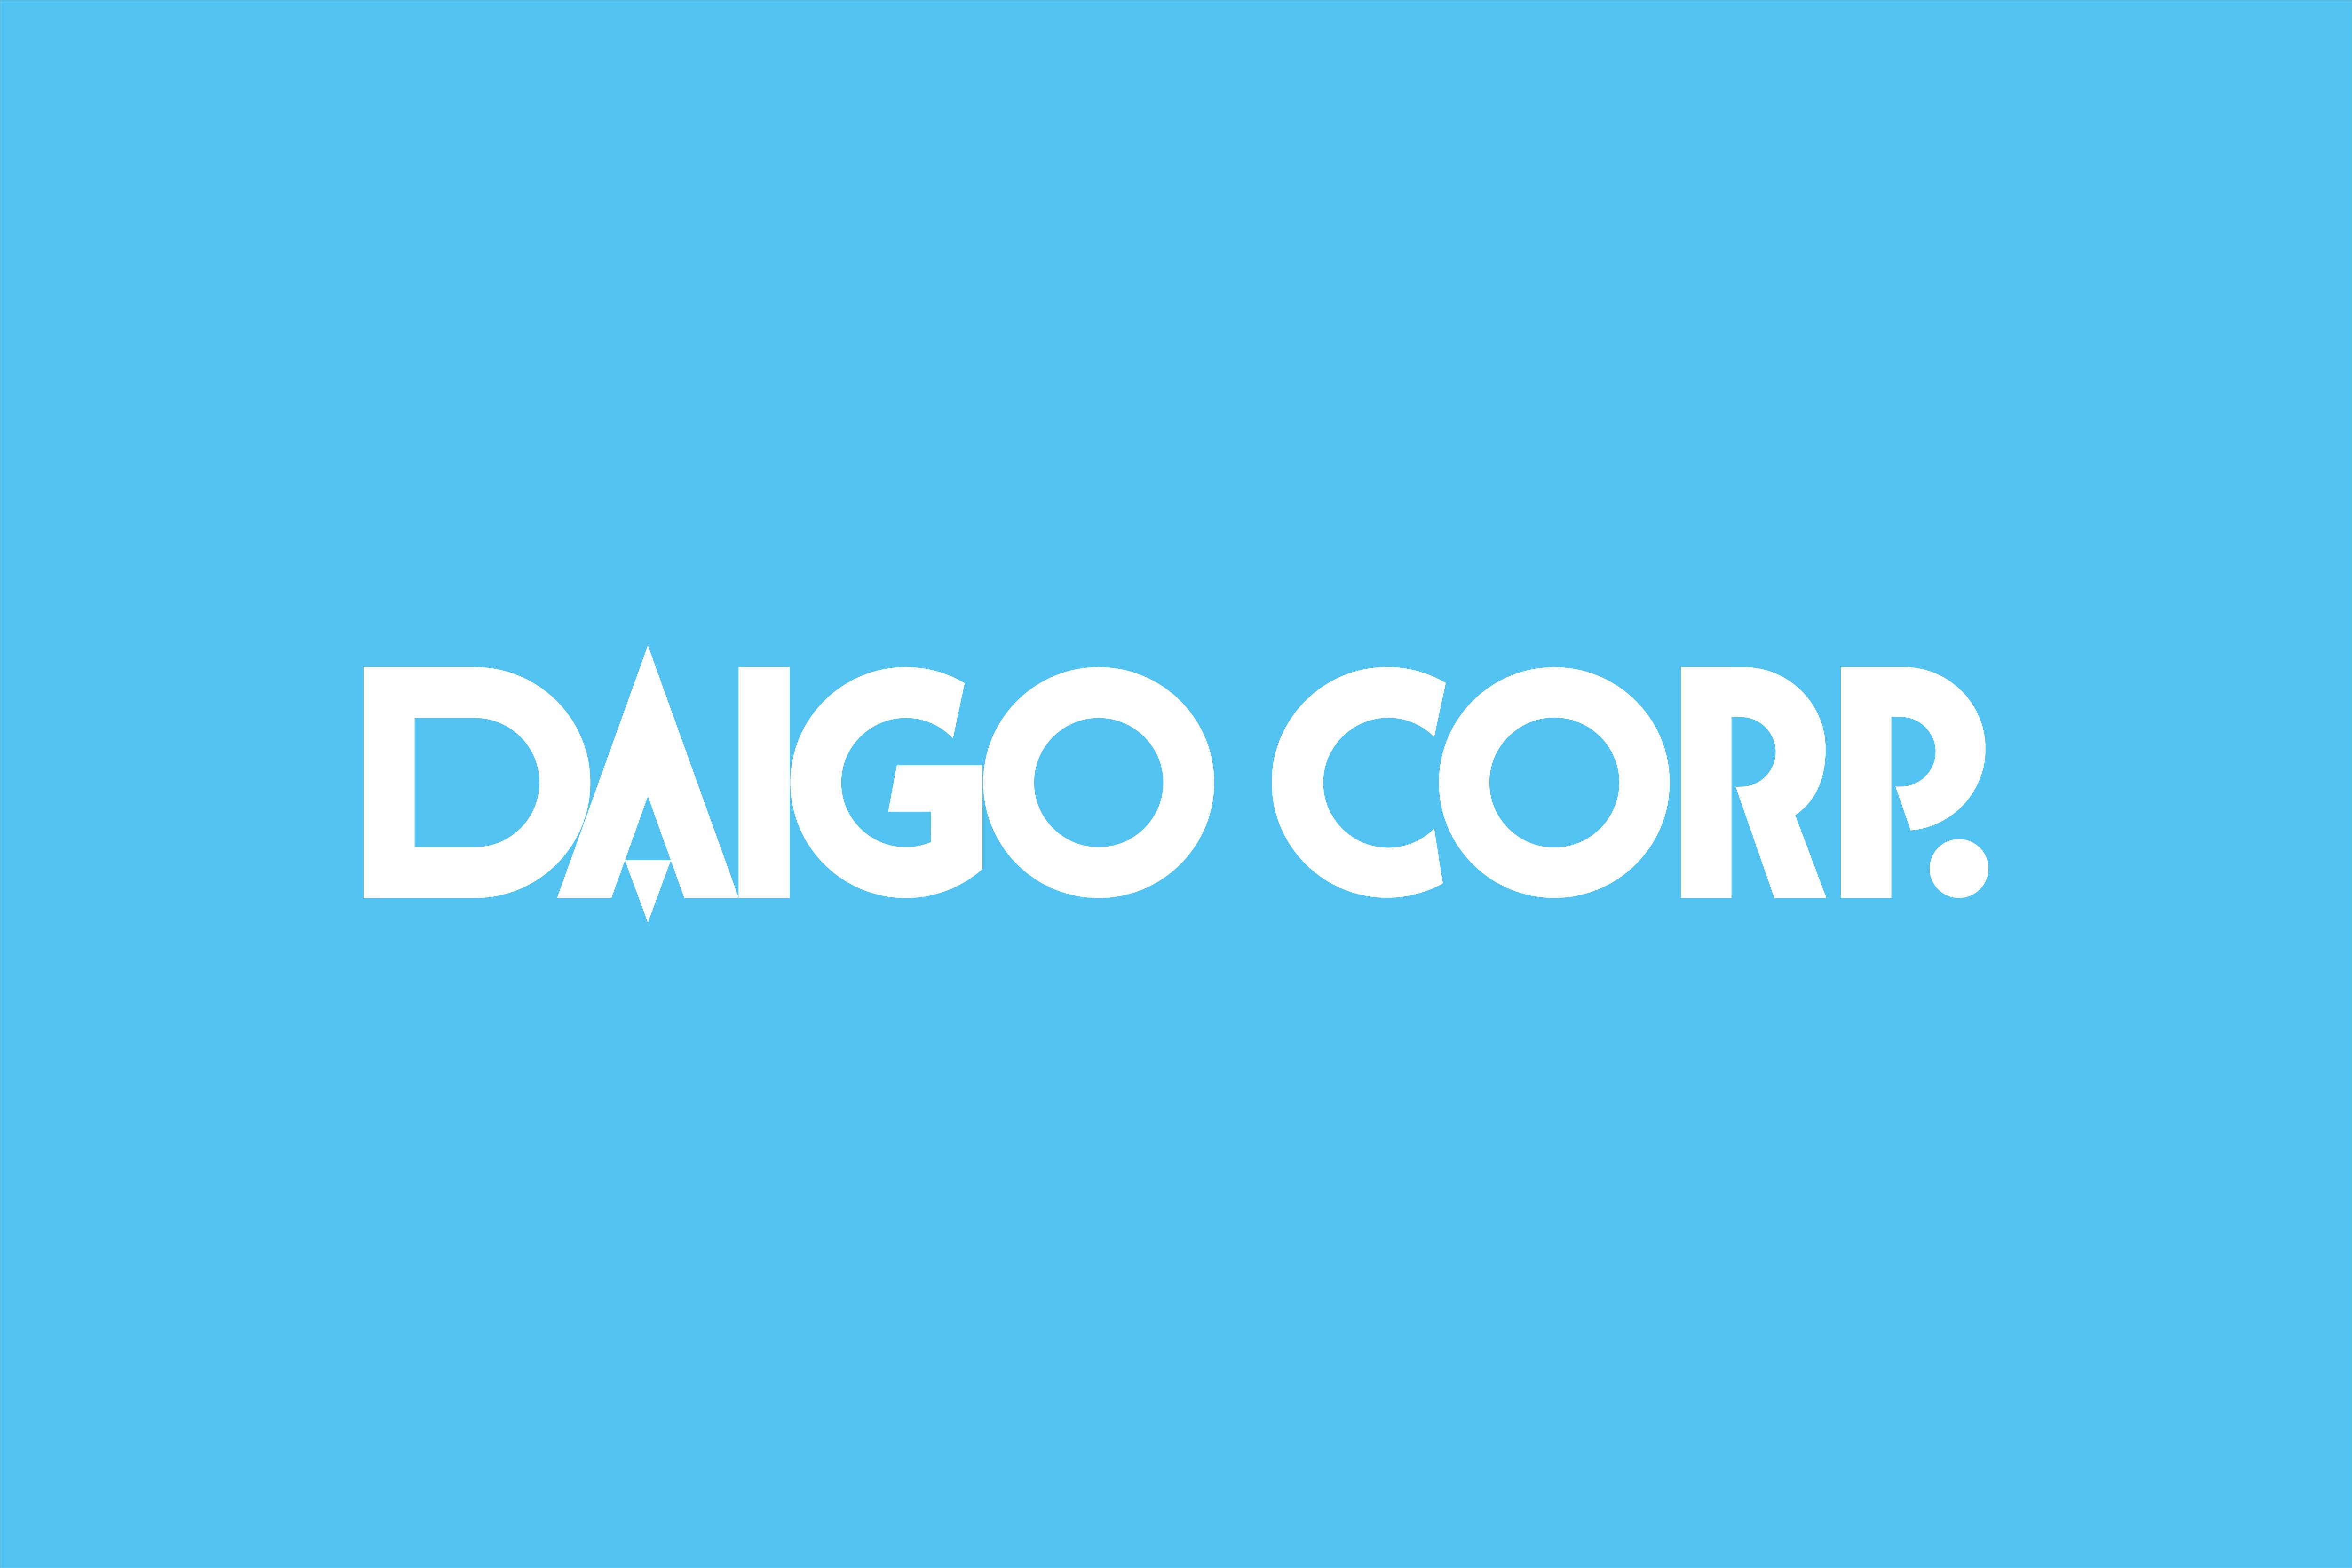 ダイゴー株式会社